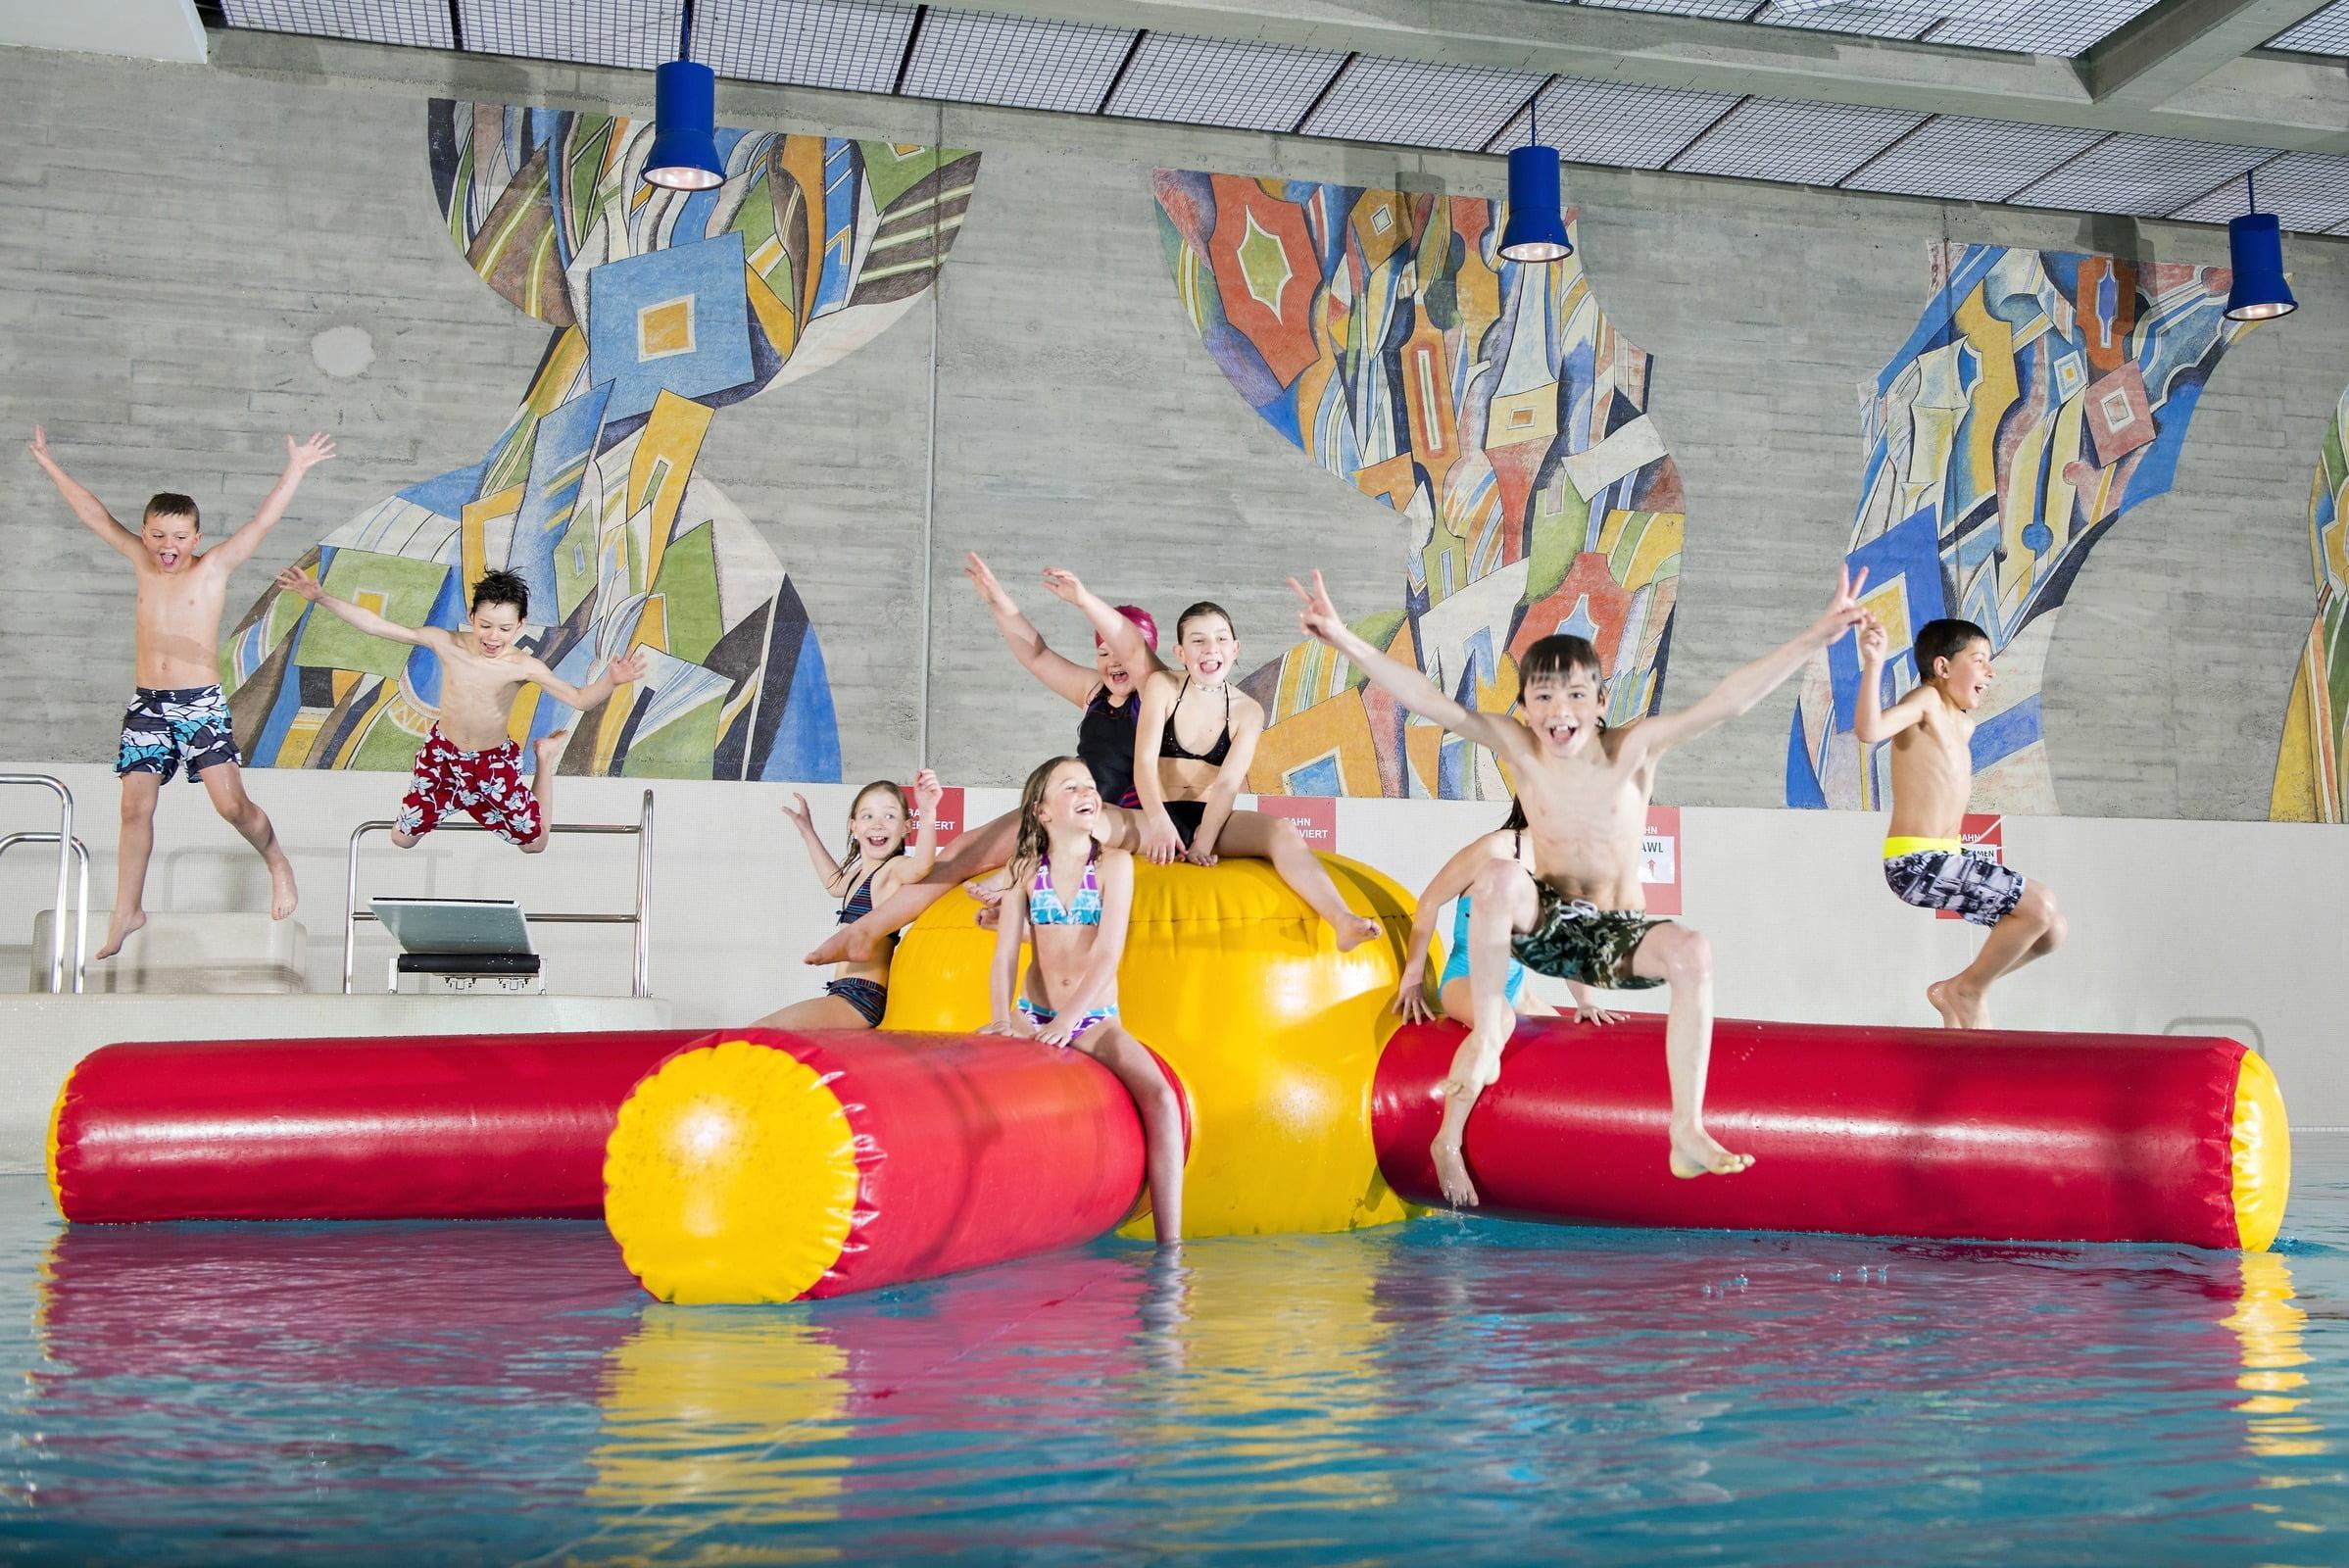 Adventure pools for children.